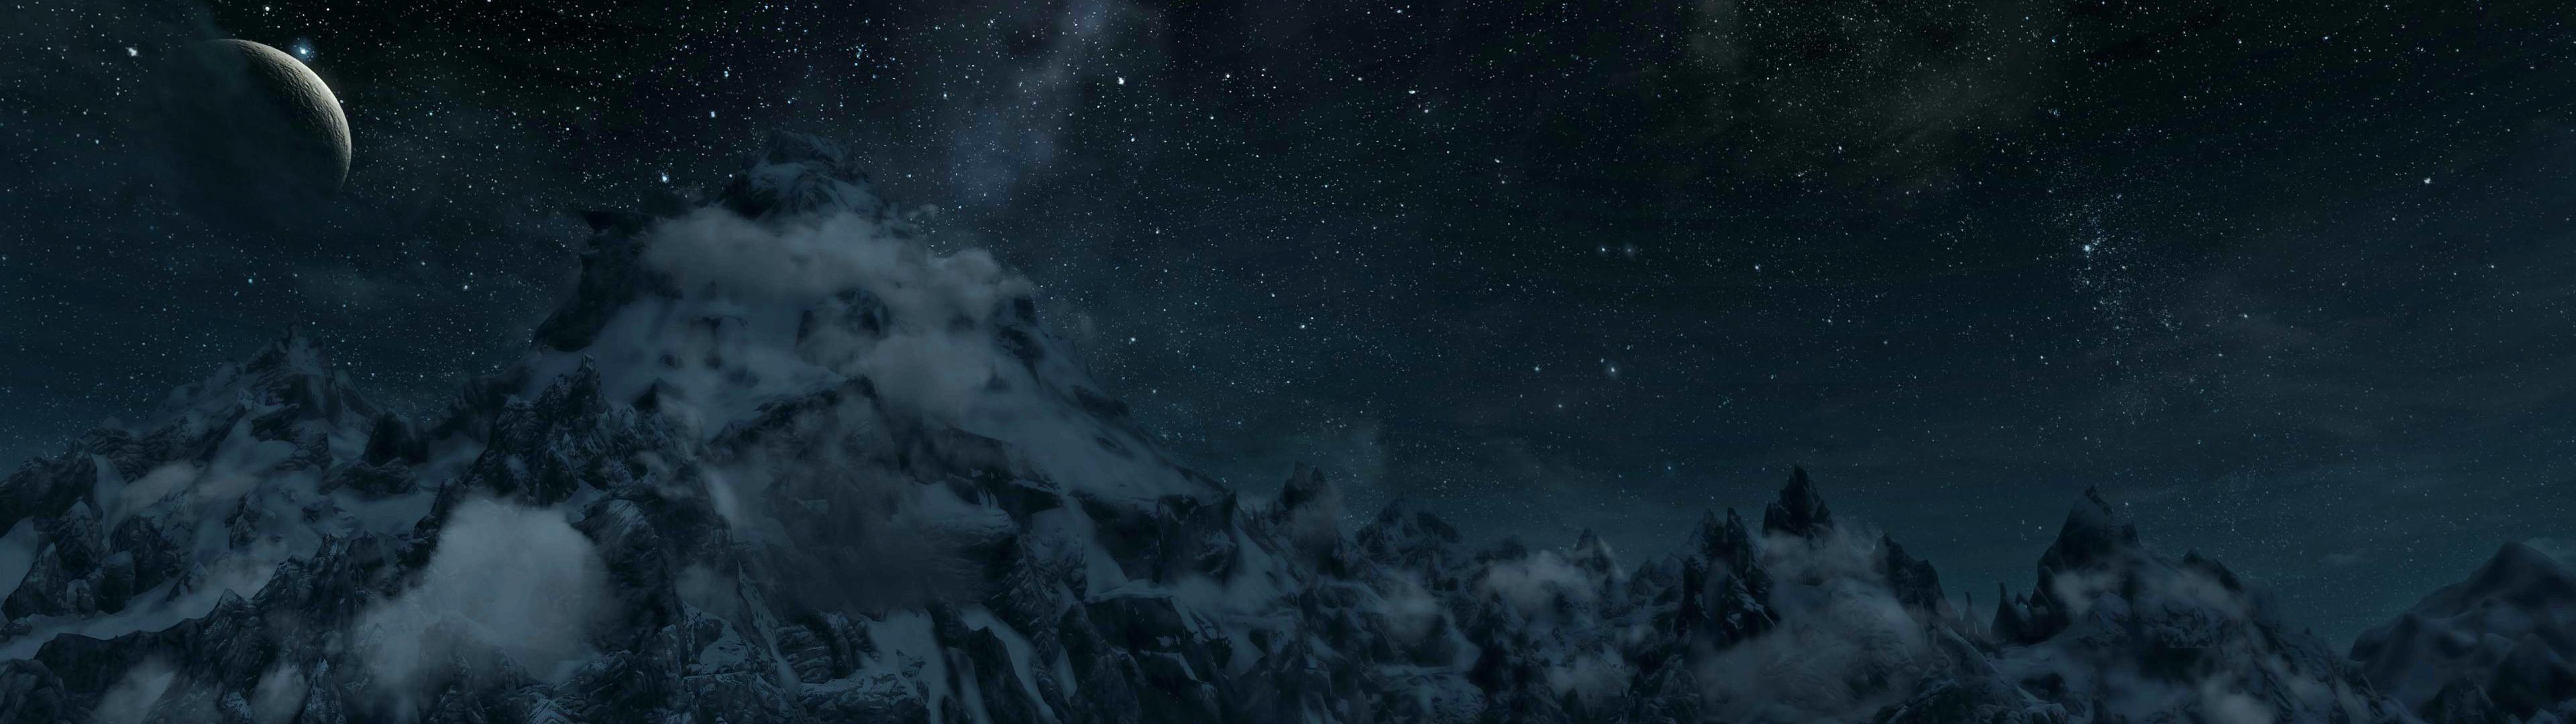 3840x1080 Skyrim Mountain Range Panorama Dual Screen Wallpaper I Made